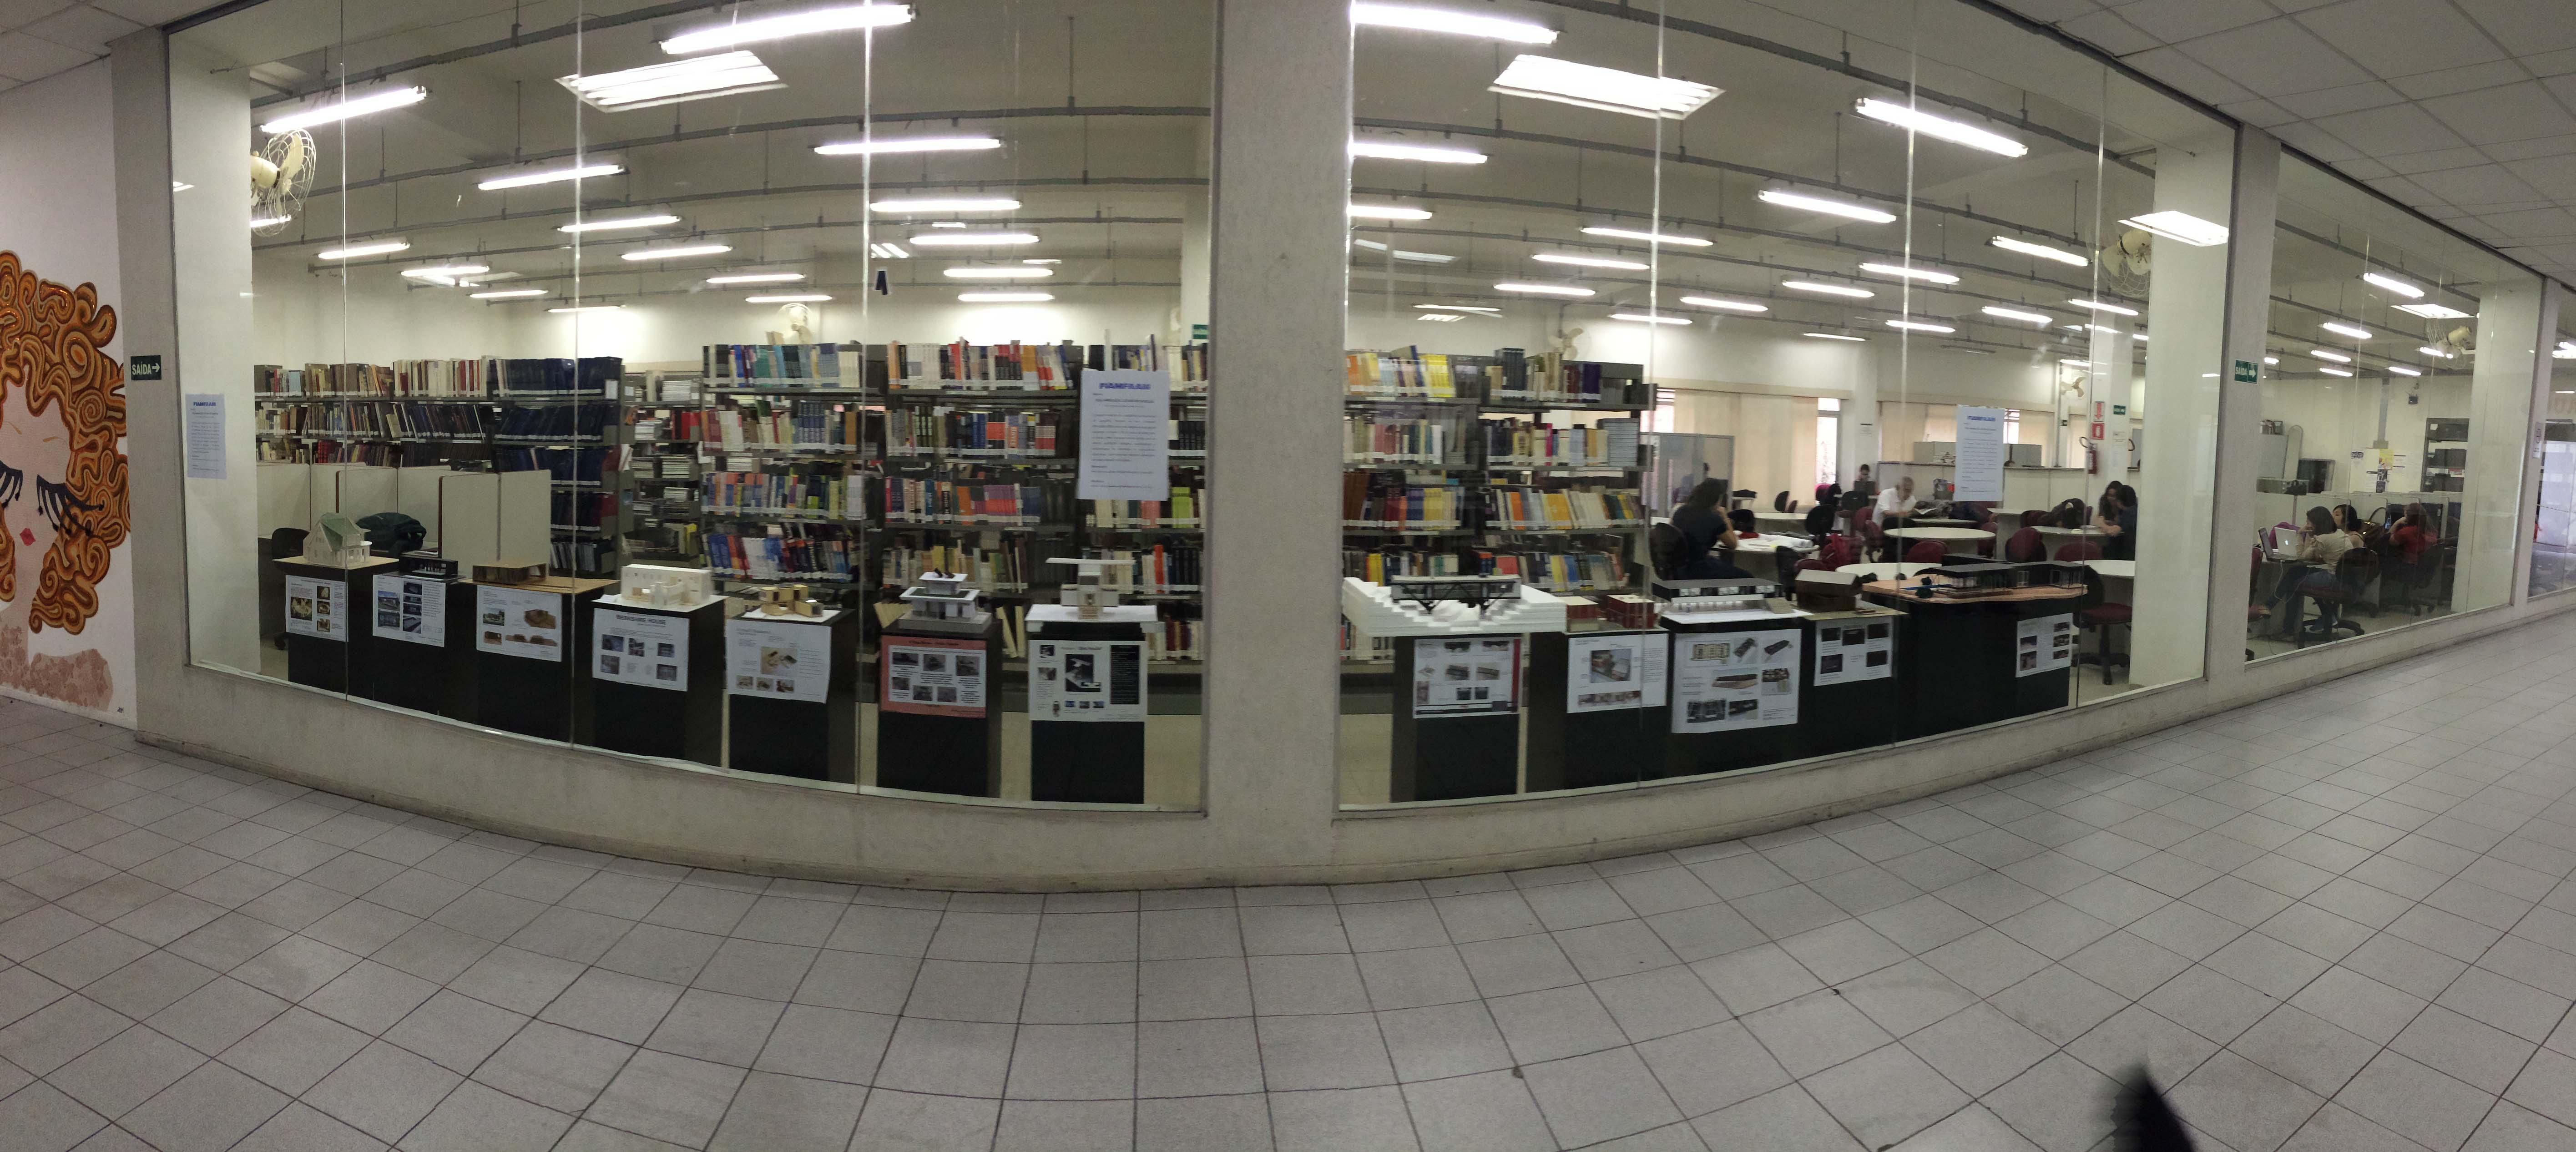 vista da biblioteca